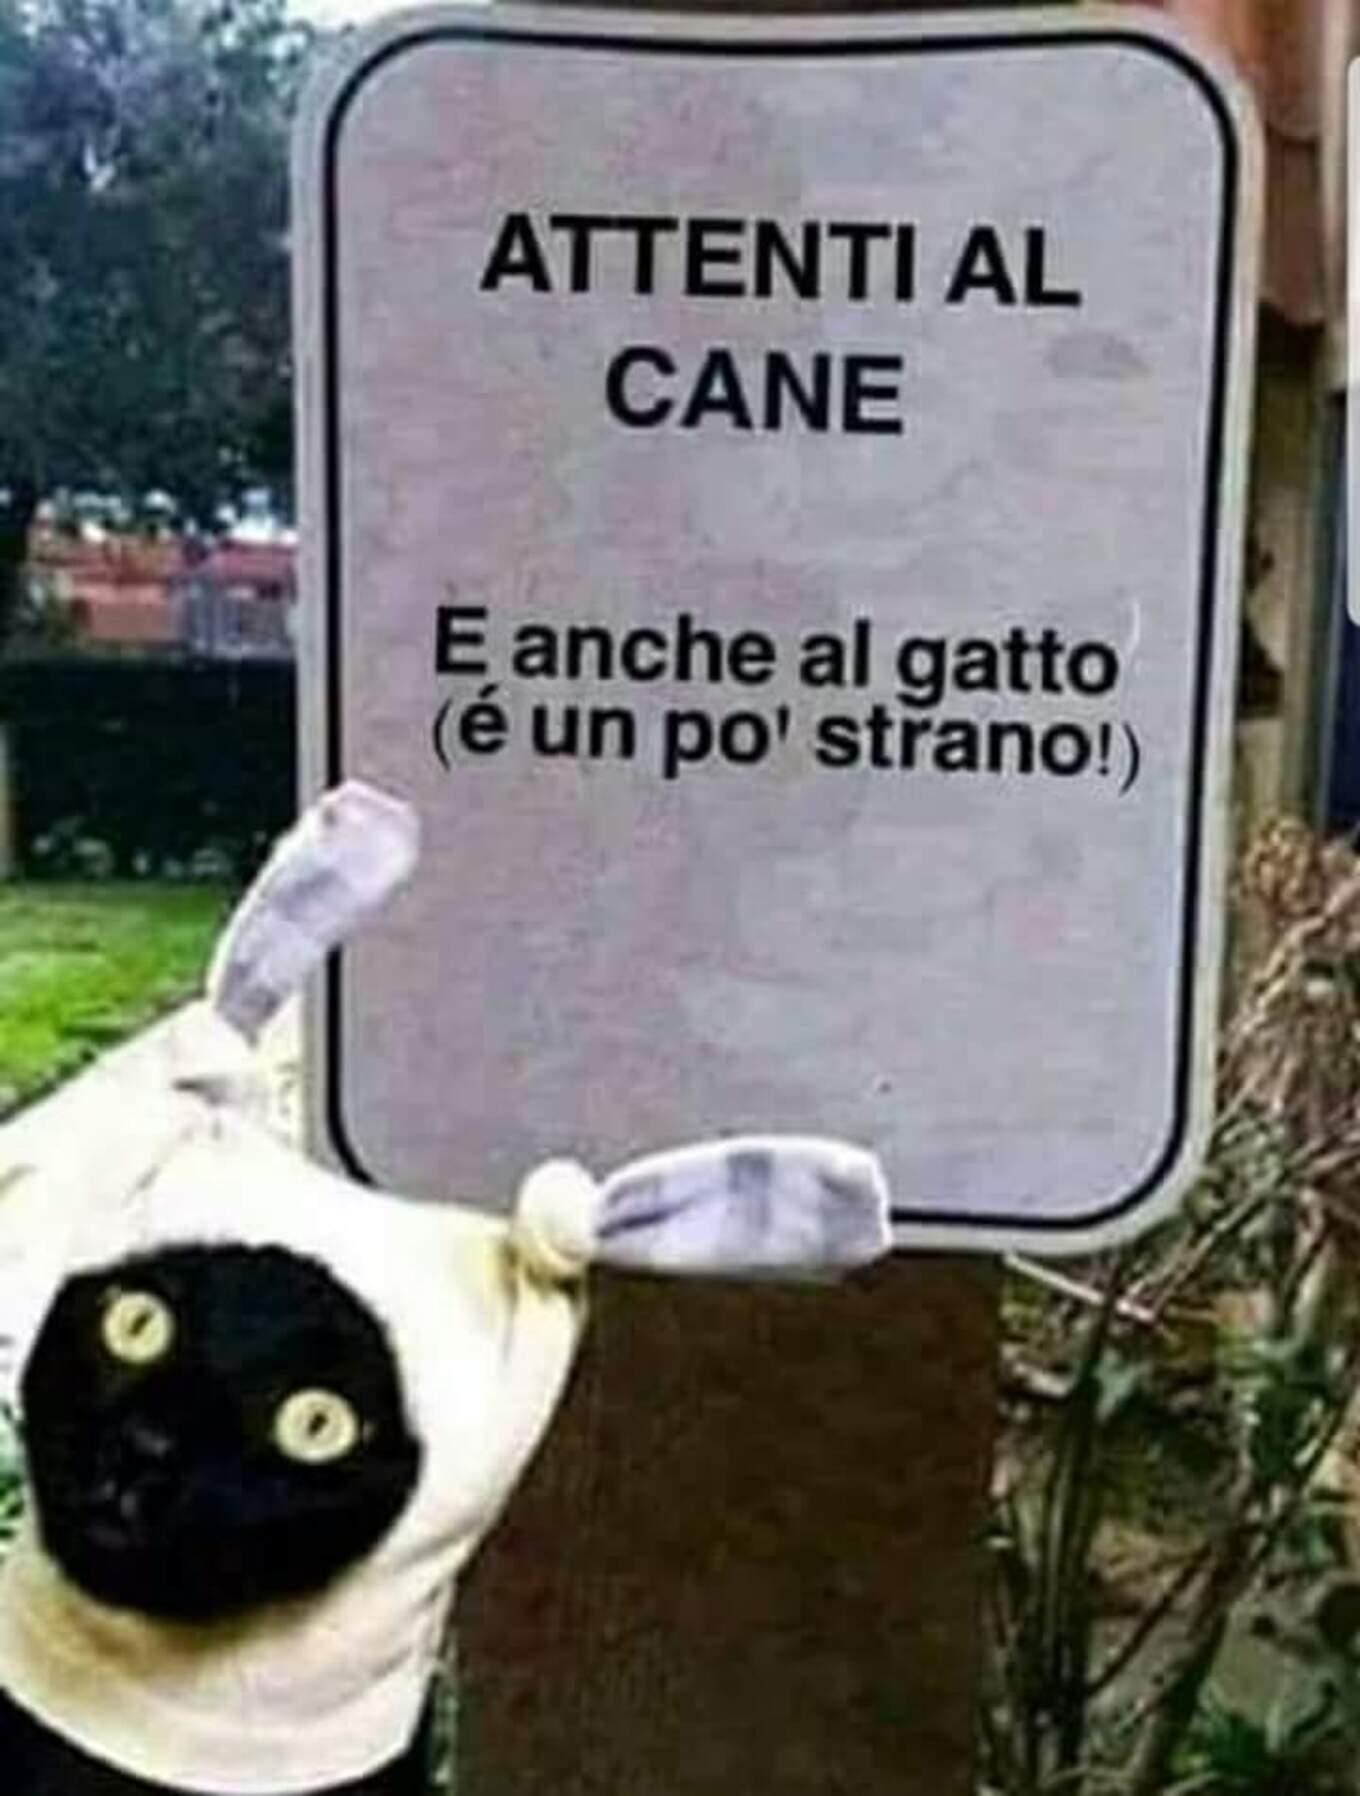 ATTENTI AL CANE... e anche al gatto (è un pò strano!)